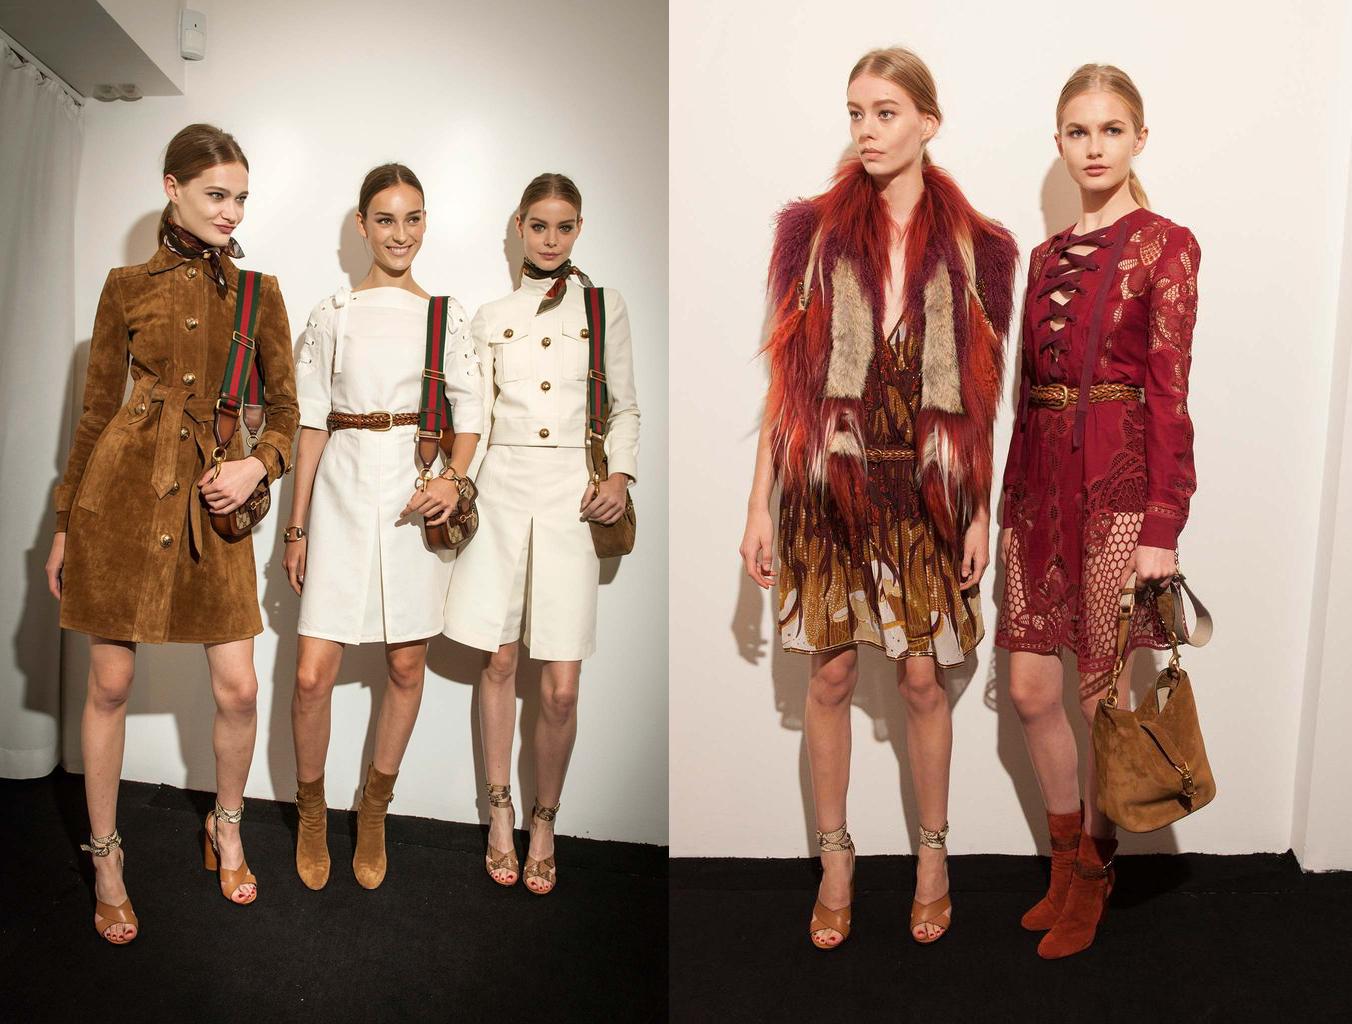 Неделя моды в Милане: Gucci, весна-лето 2015 - фото №2